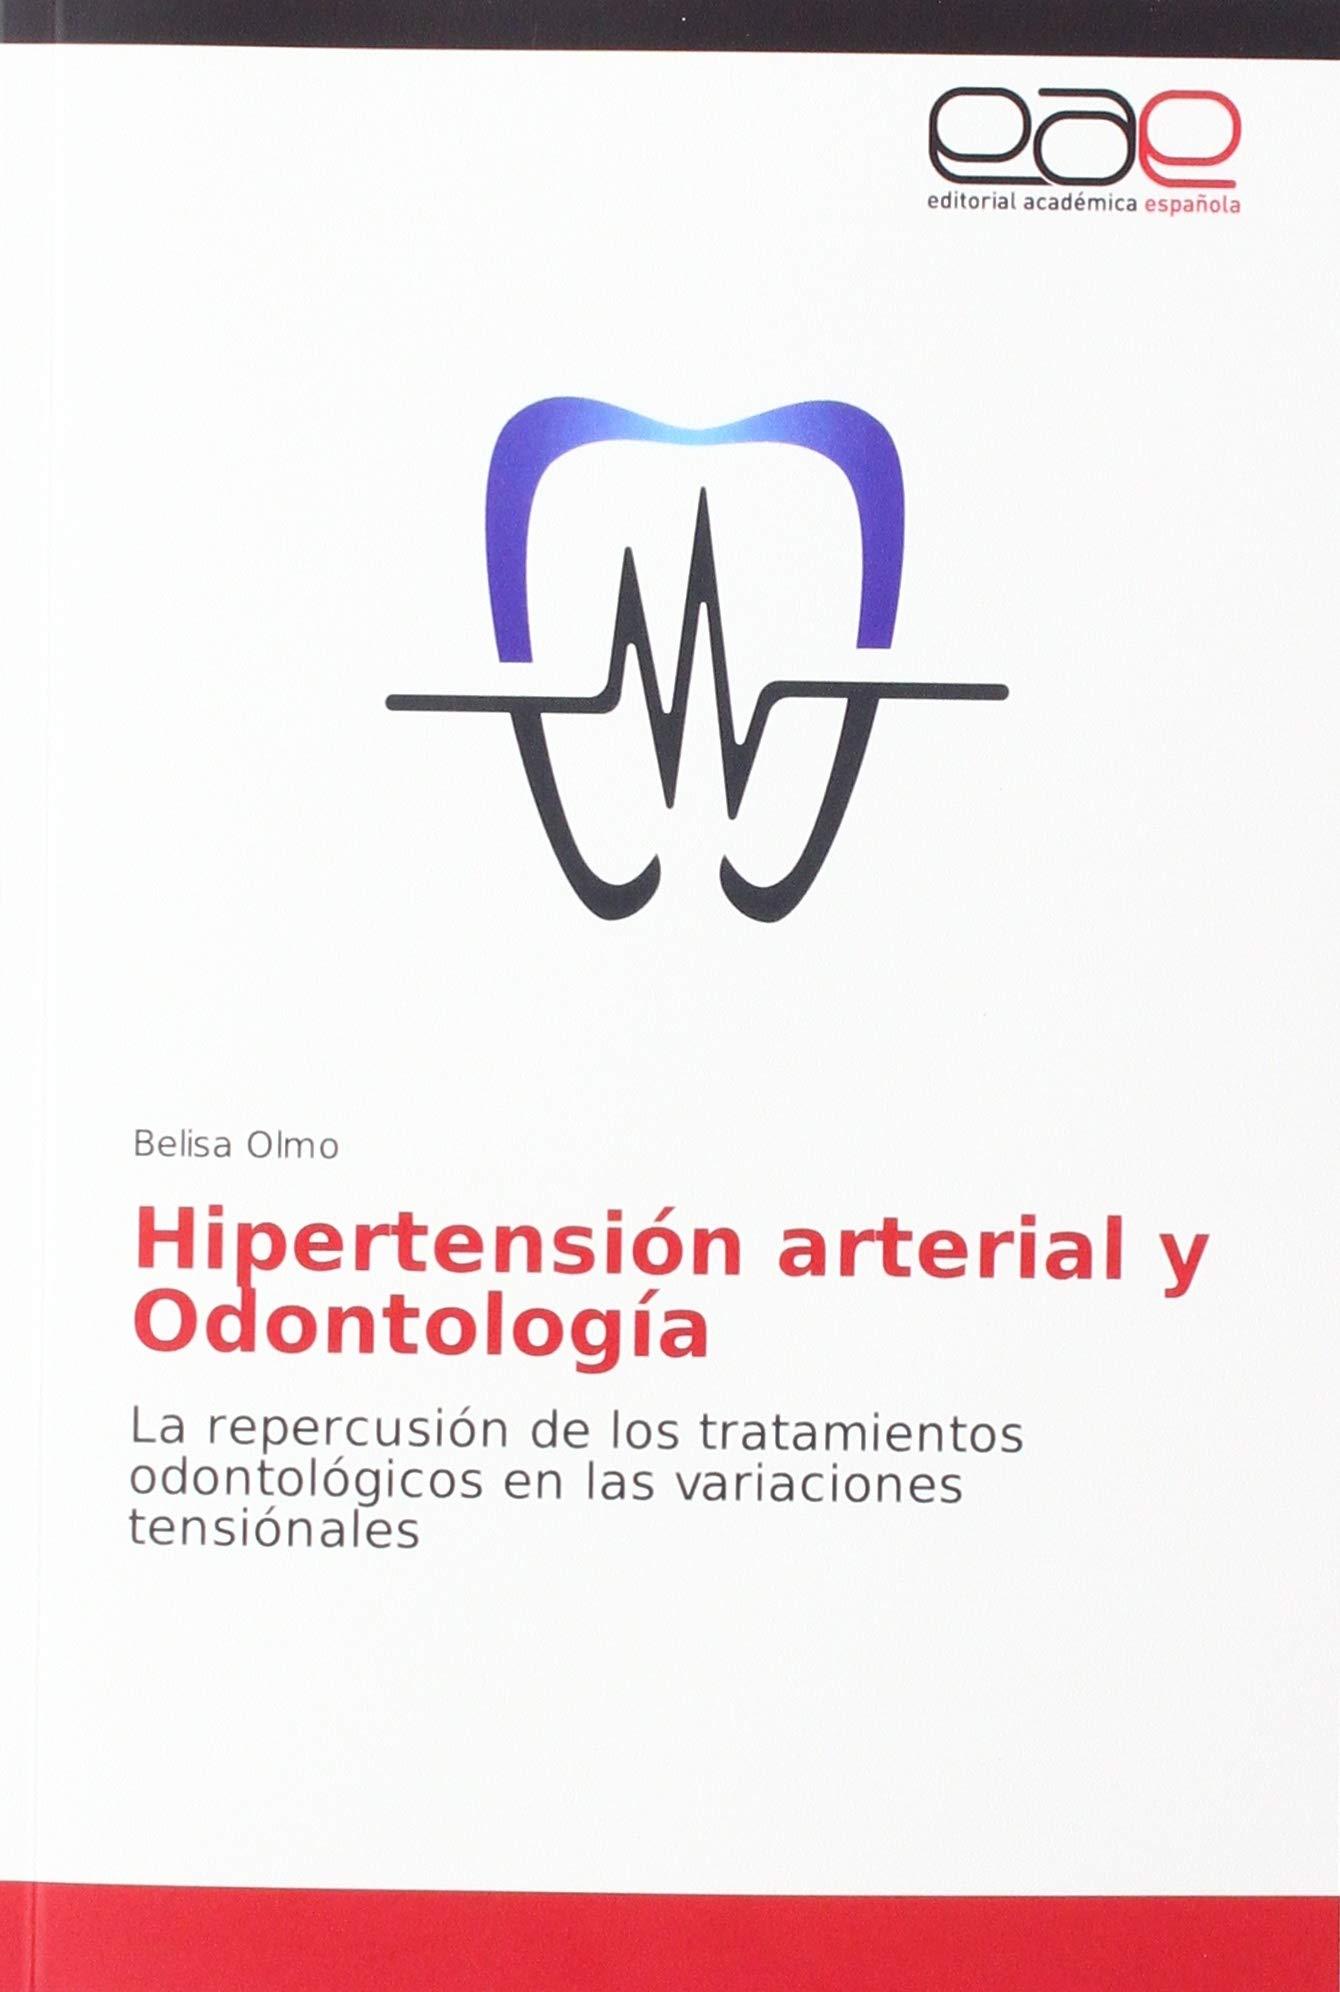 Transmisión de hipertensión gratis